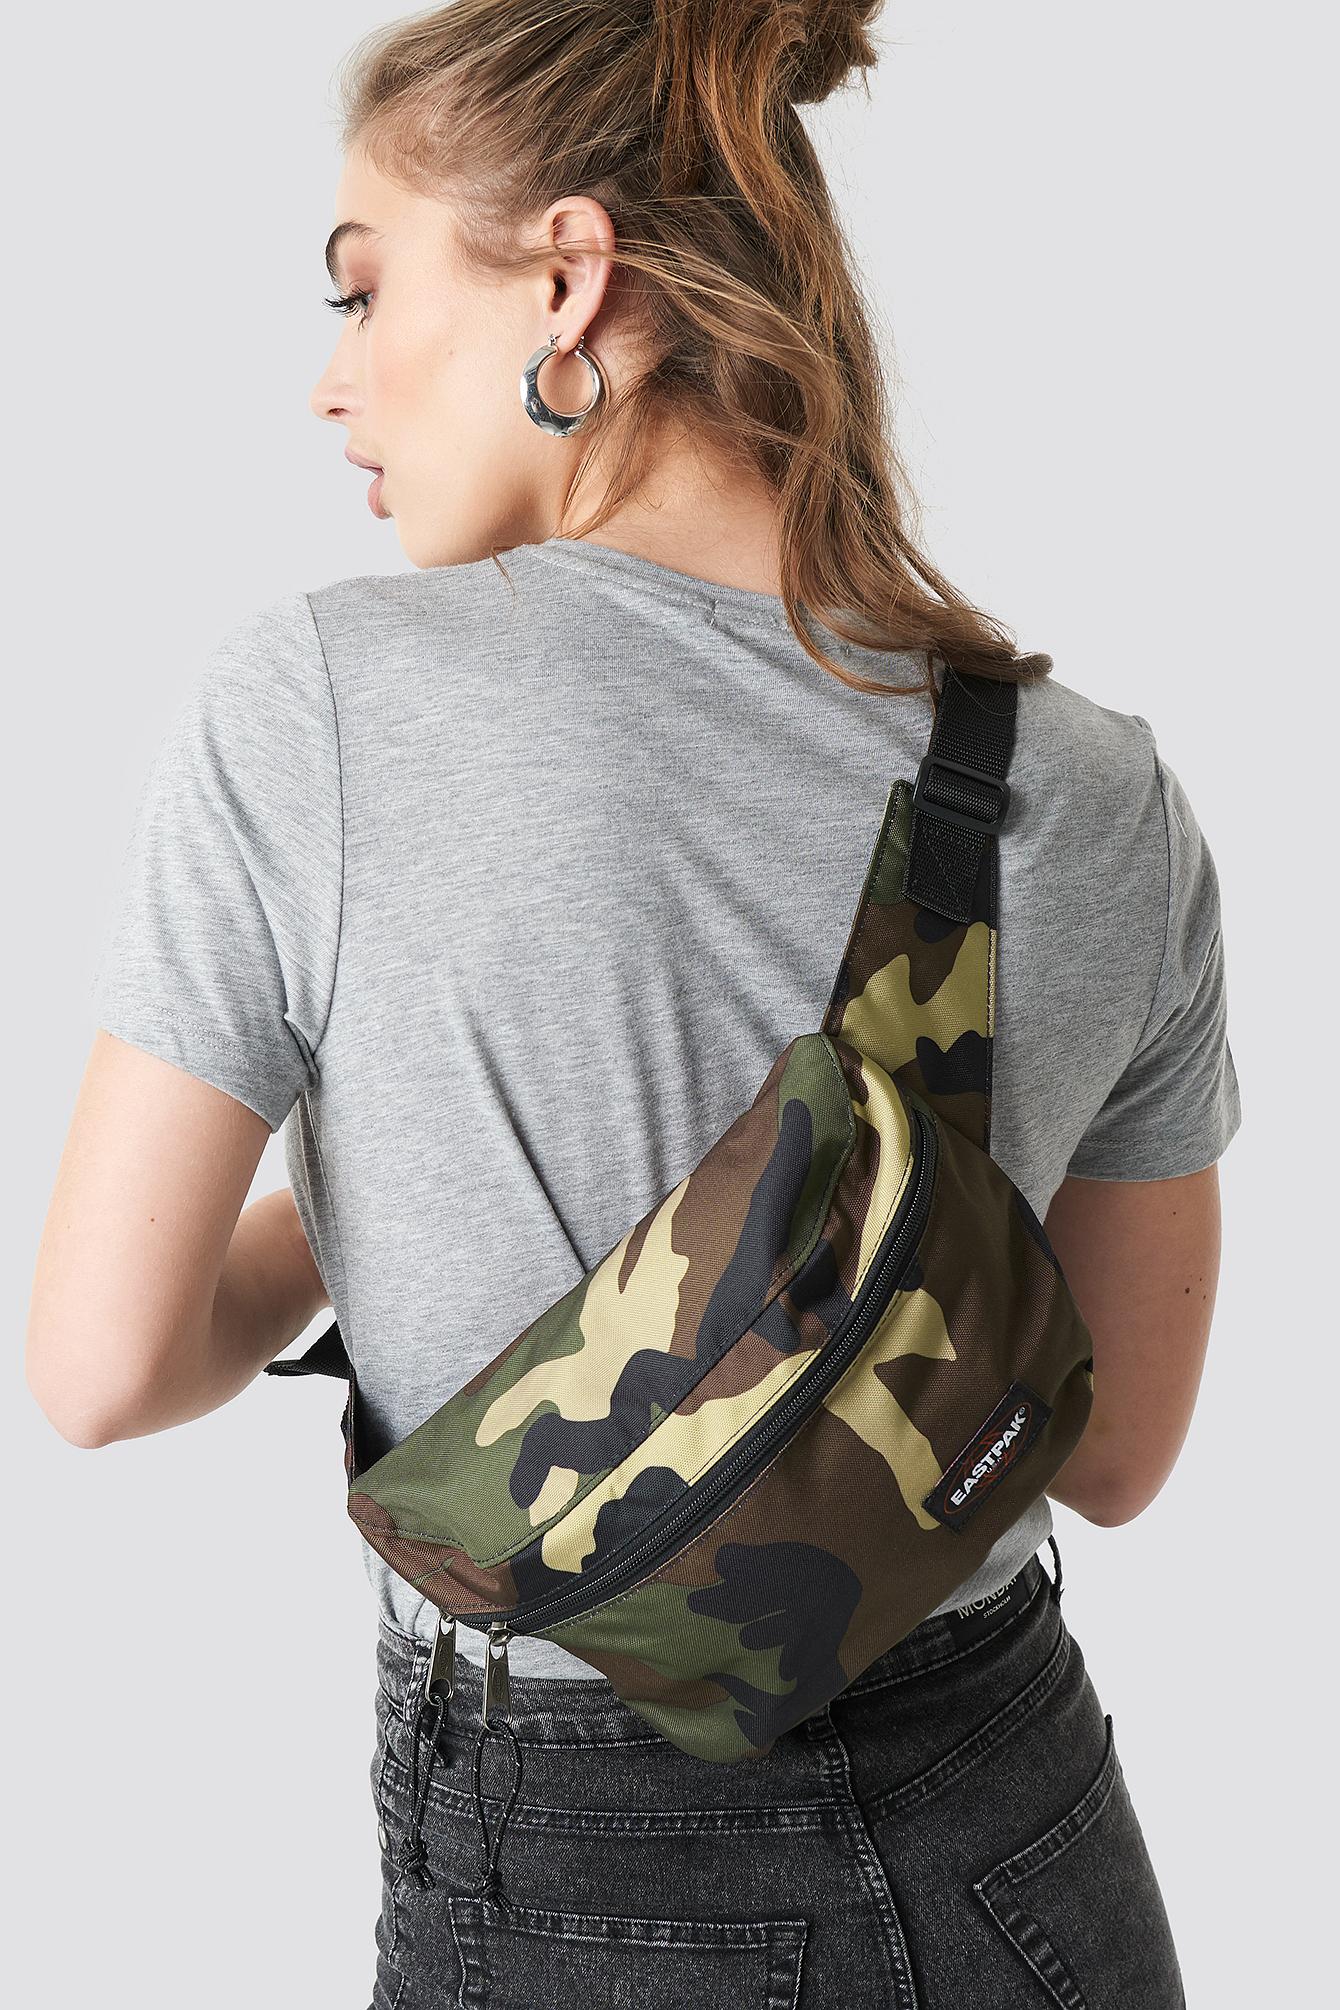 eastpak -  Bane Bag - Brown,Green,Multicolor